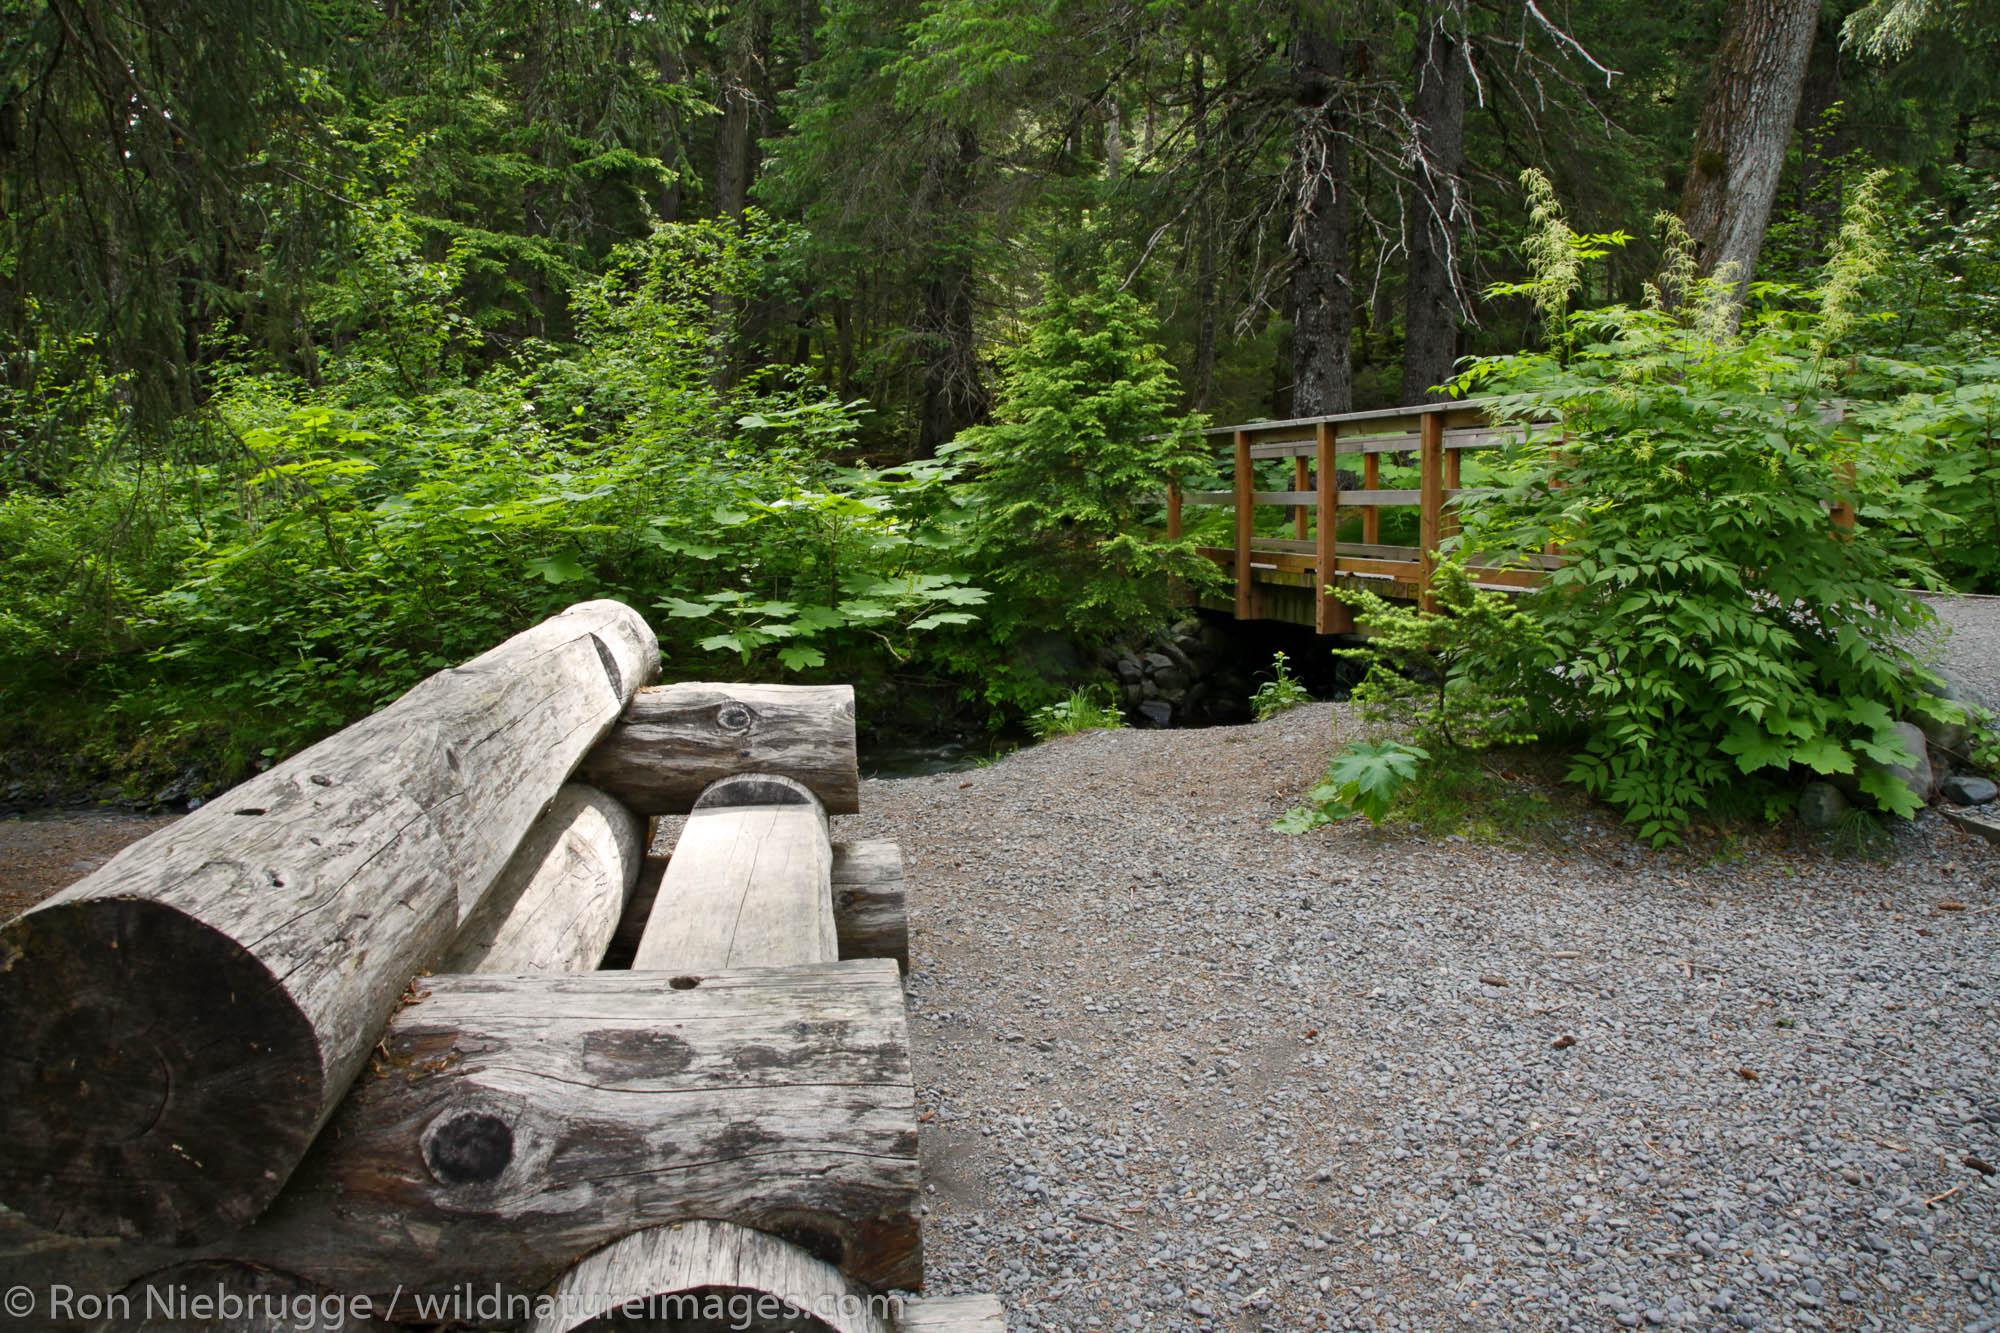 A bench along the Winner Creek Gorge Trail, Girdwood, Chugach National Forest, Alaska.